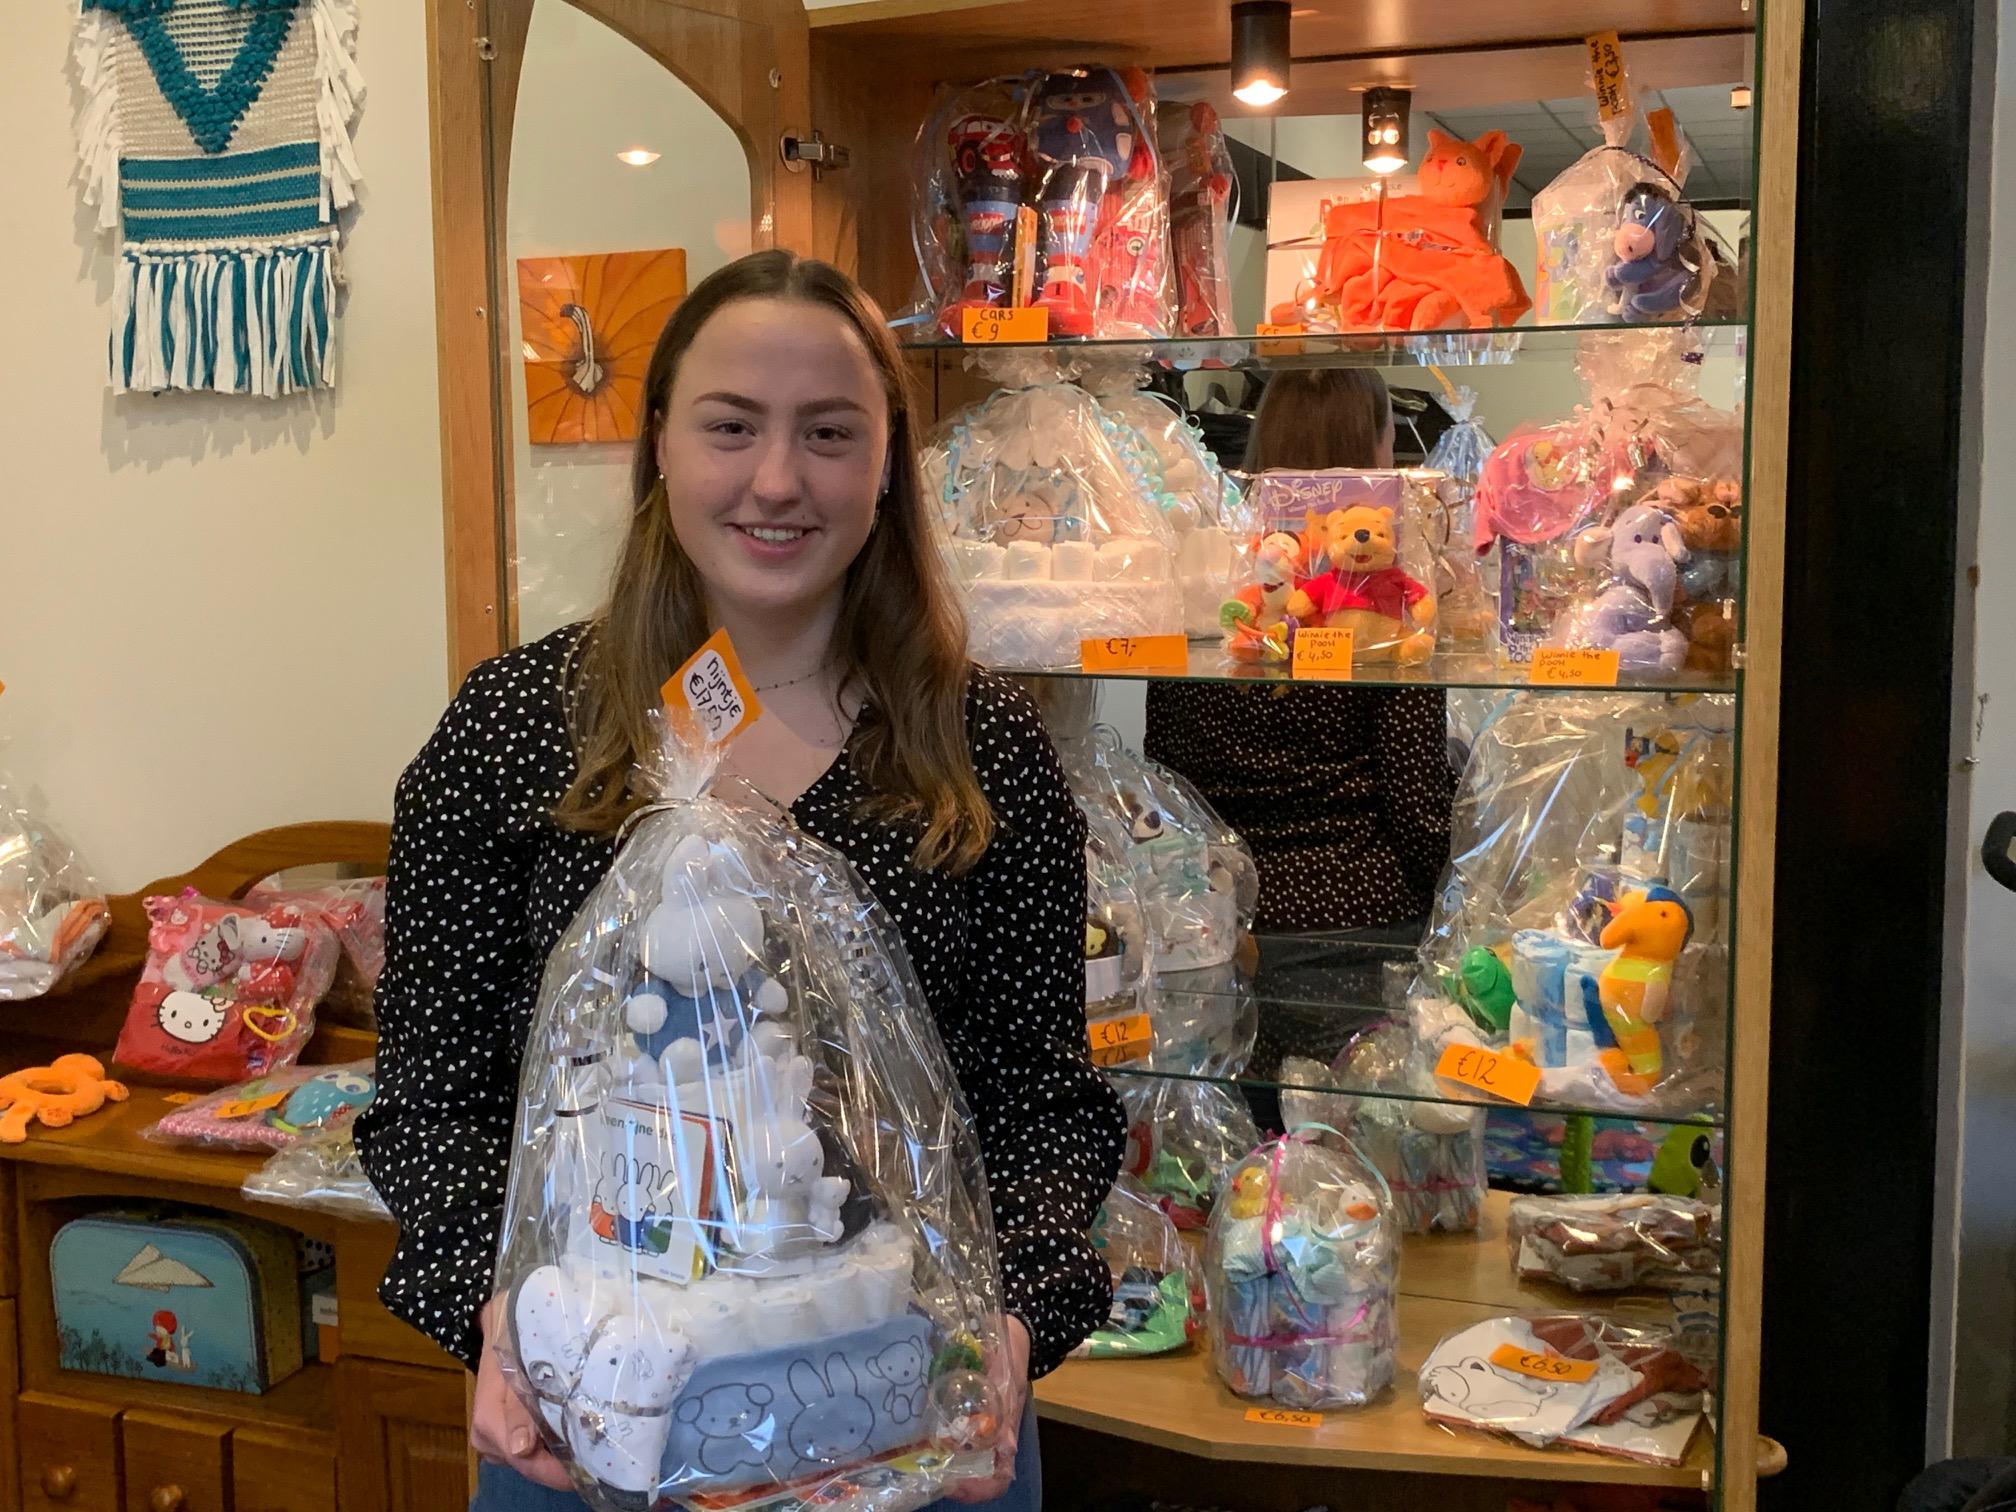 Het Babygoed kringloopwinkel babyspullen